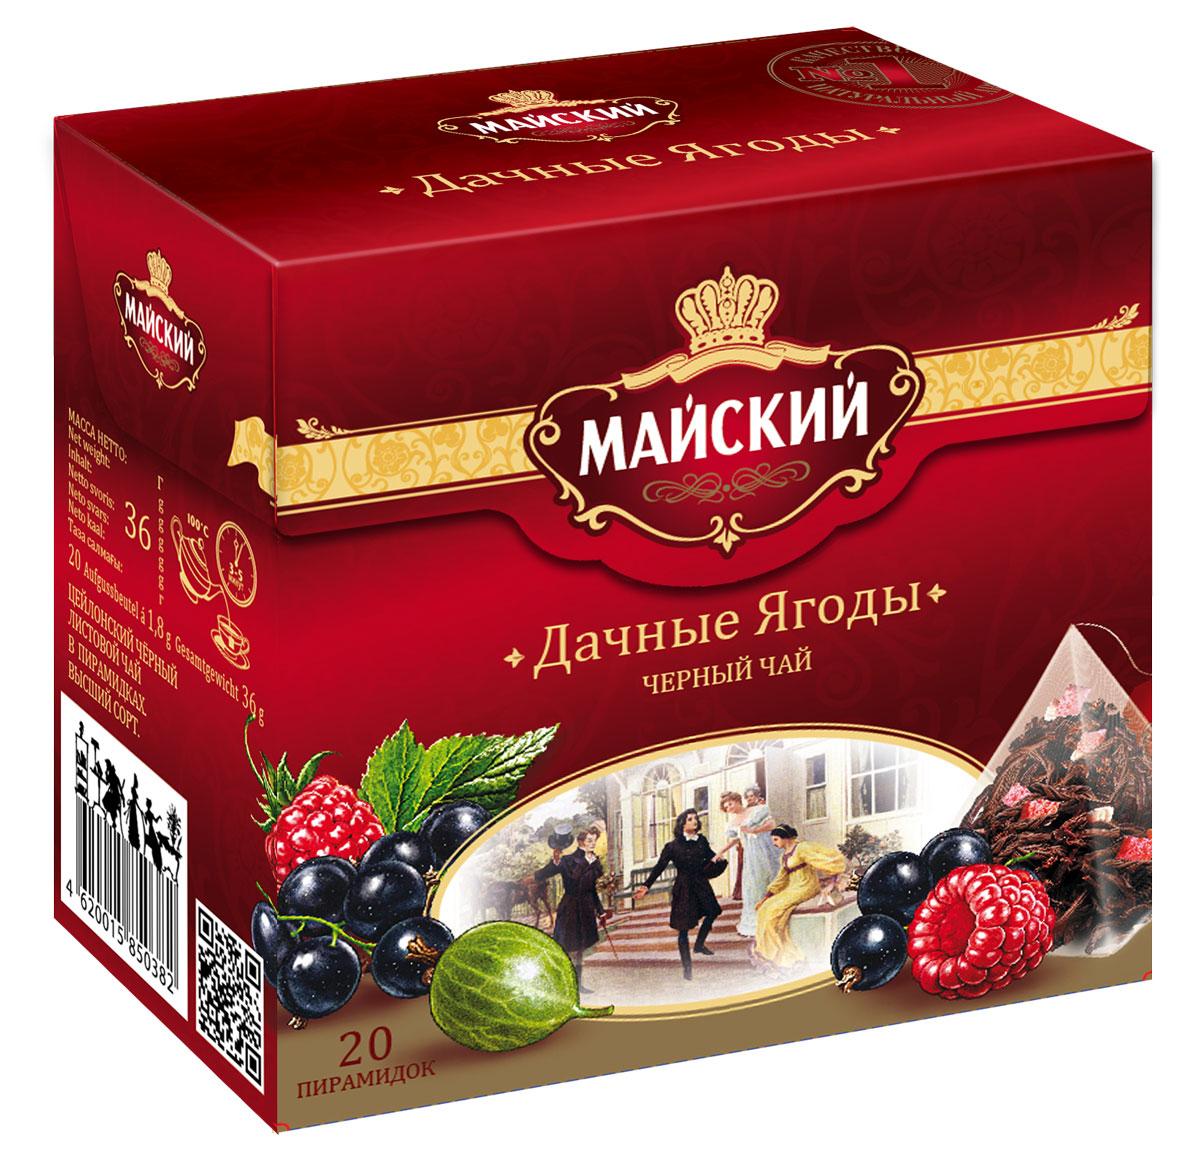 Майский Дачные ягоды черный чай в пирамидках, 20 шт0120710Майский Дачные ягоды - черный листовой чай с ароматом дачных ягод в пирамидках. Высший сорт.